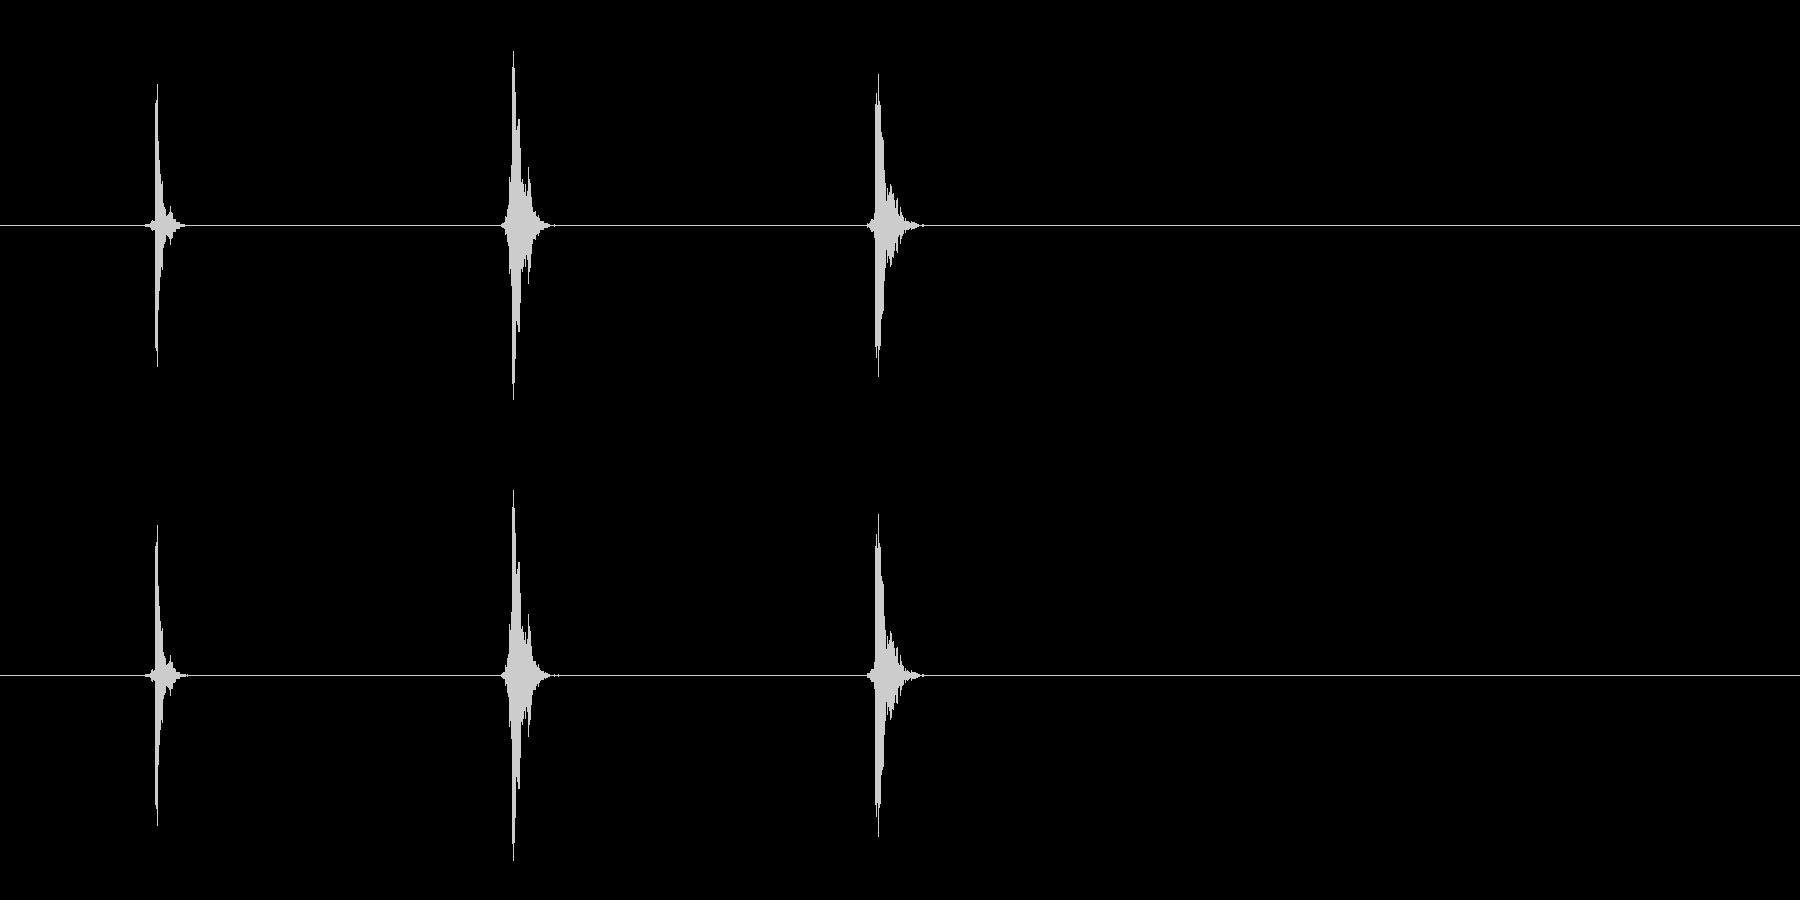 矢印の影響(3x); 3つの個別の...の未再生の波形